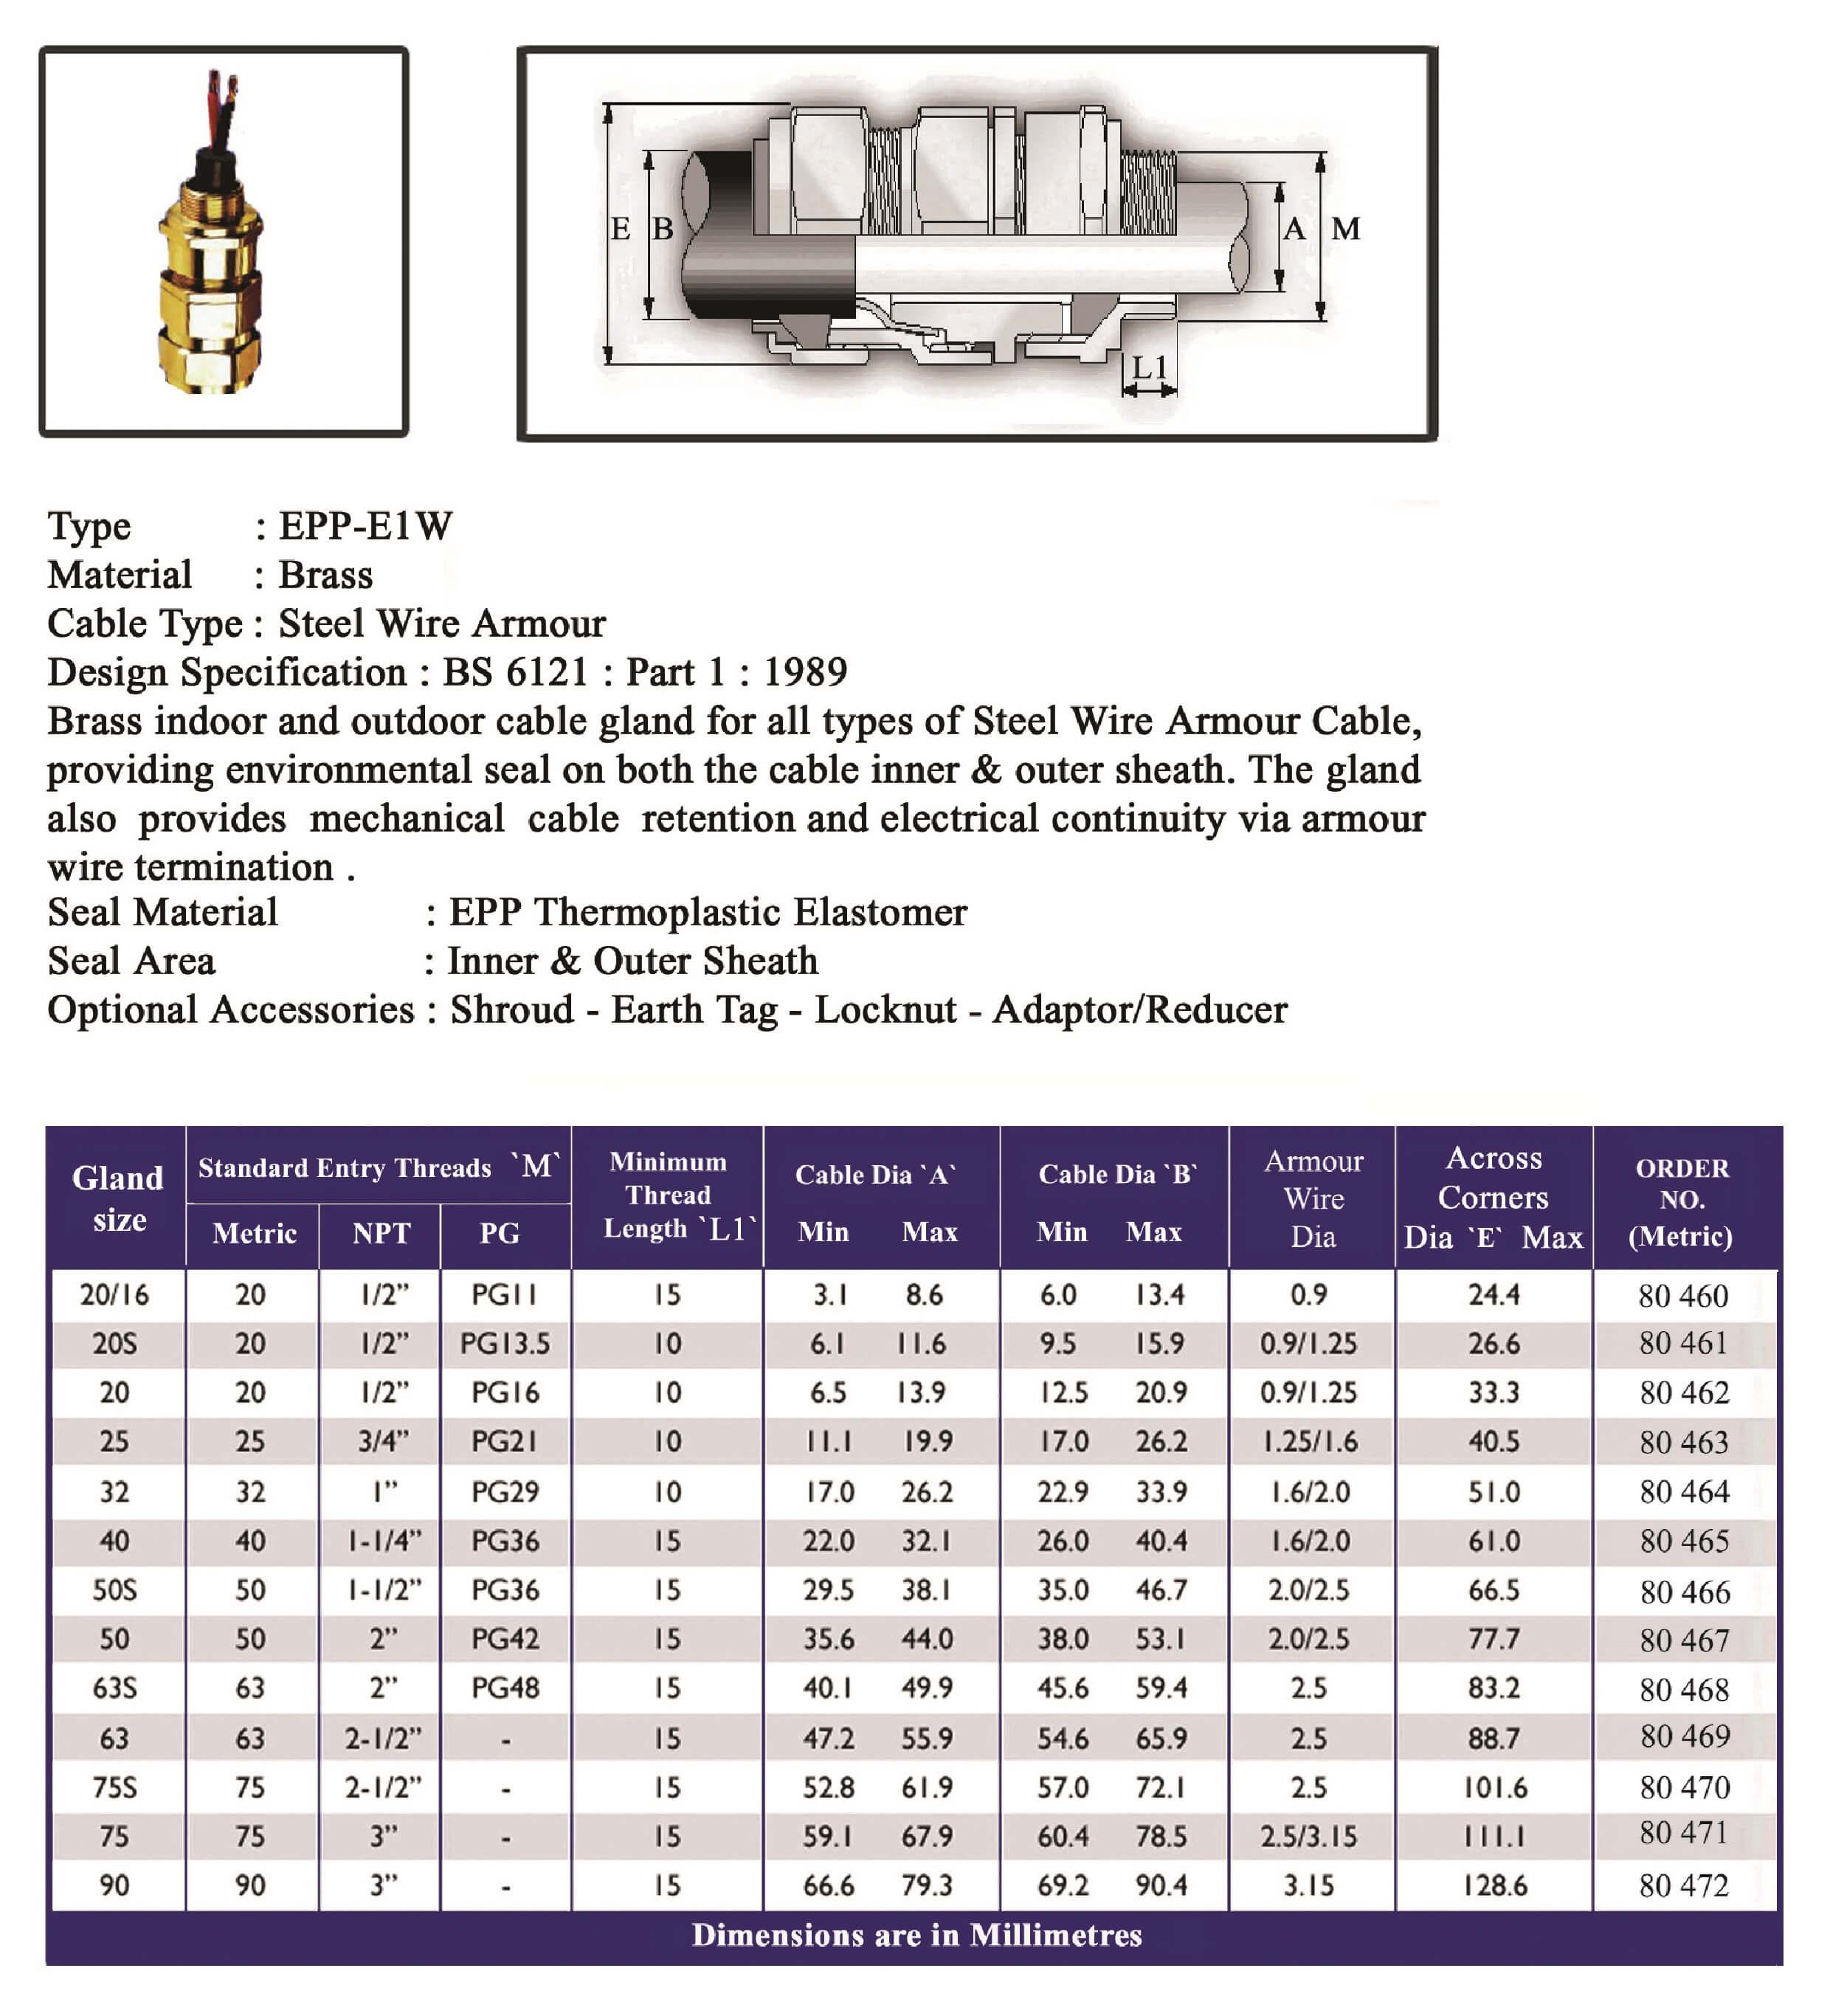 E.P.P - E1W Technical Datasheet